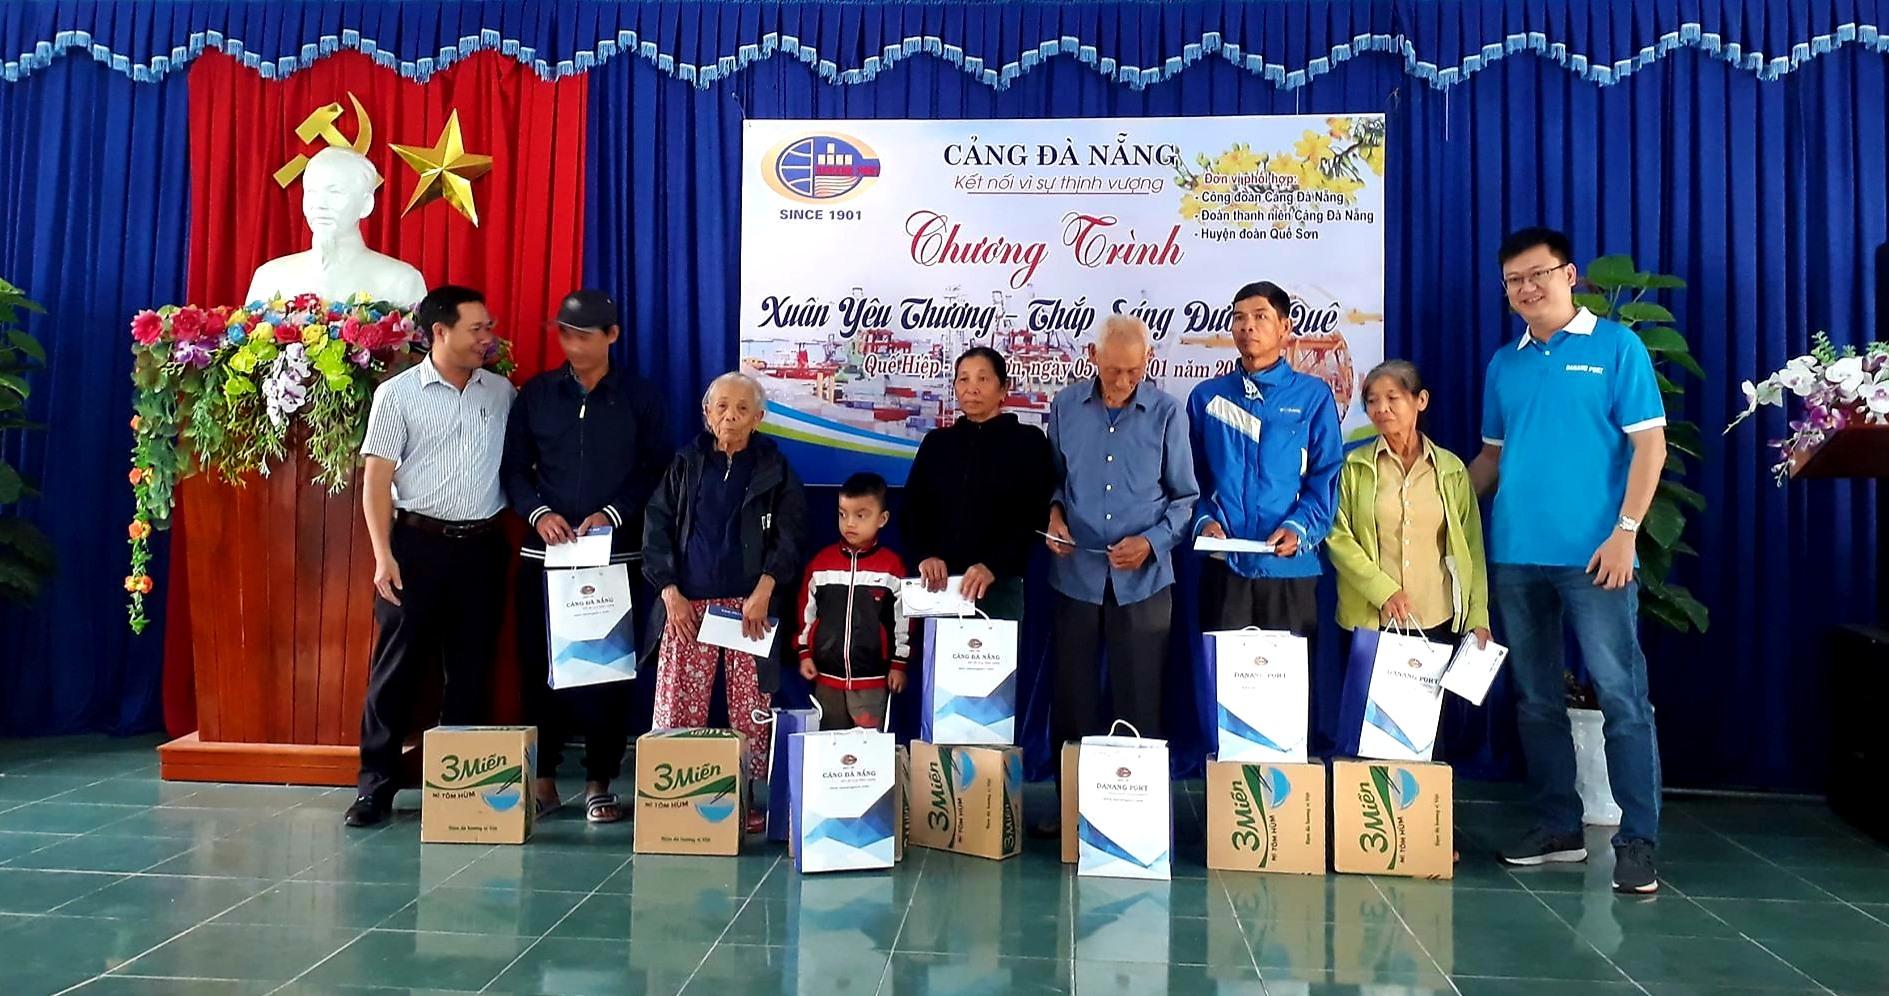 Ngành liên quan và chính quyền các địa phương ở Quế Sơn cùng những đơn vị, doanh nghiệp chăm lo tết cho những gia đình khó khăn. Ảnh: T.P